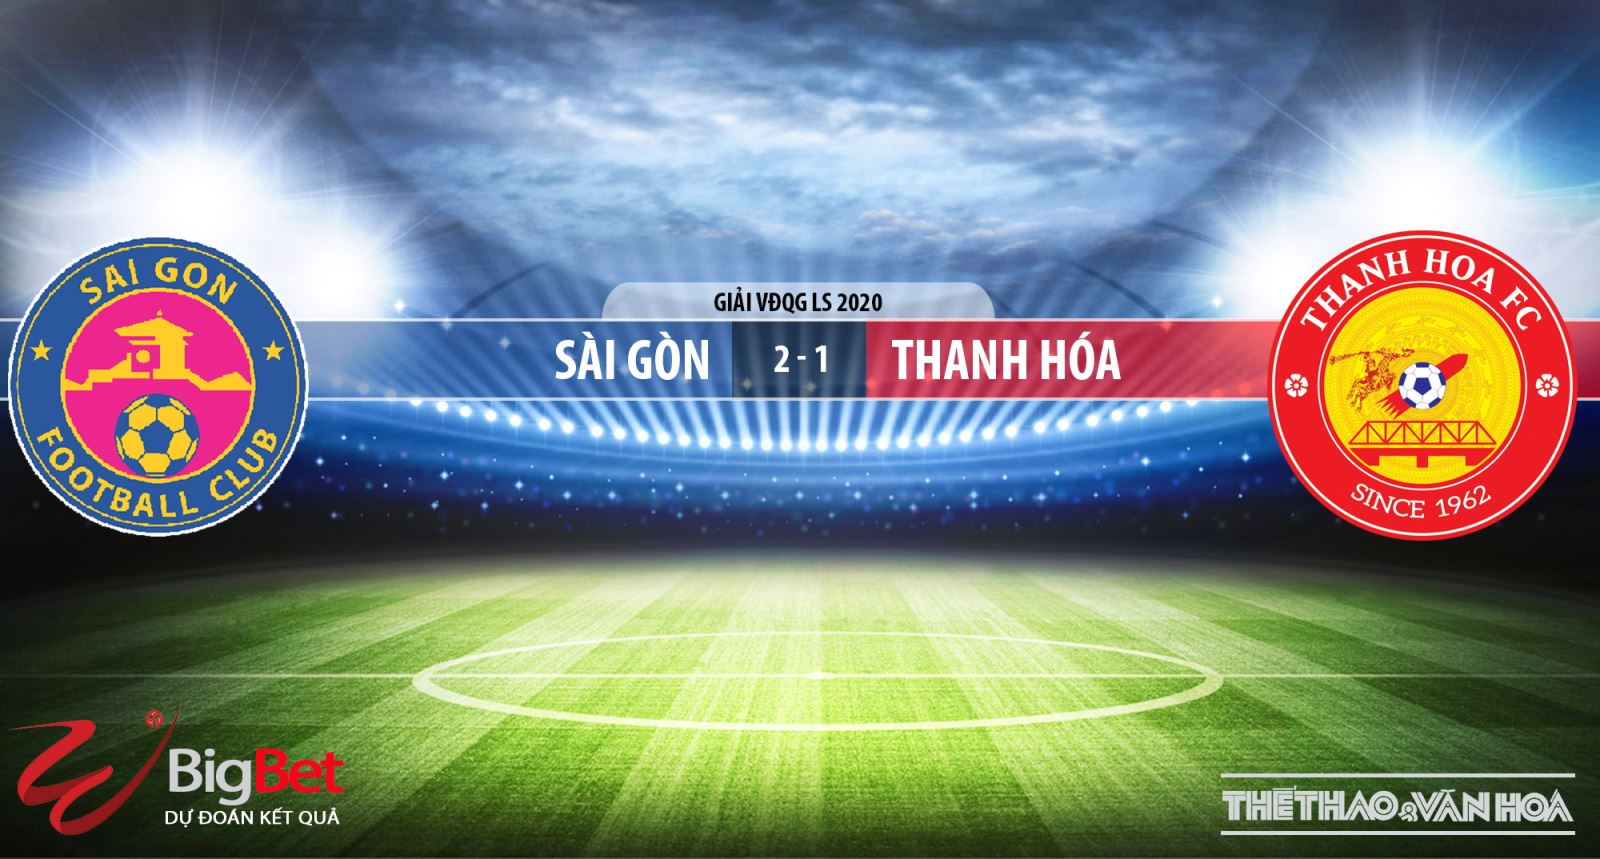 Sài Gòn vsThanh Hóa, Sài Gòn, Thanh Hoá, trực tiếp bóng đá, dự đoán, soi kèo, kèo bóng đá, trực tiếp Sài Gòn vsThanh Hóa, nhận định Sài Gòn vsThanh Hóa